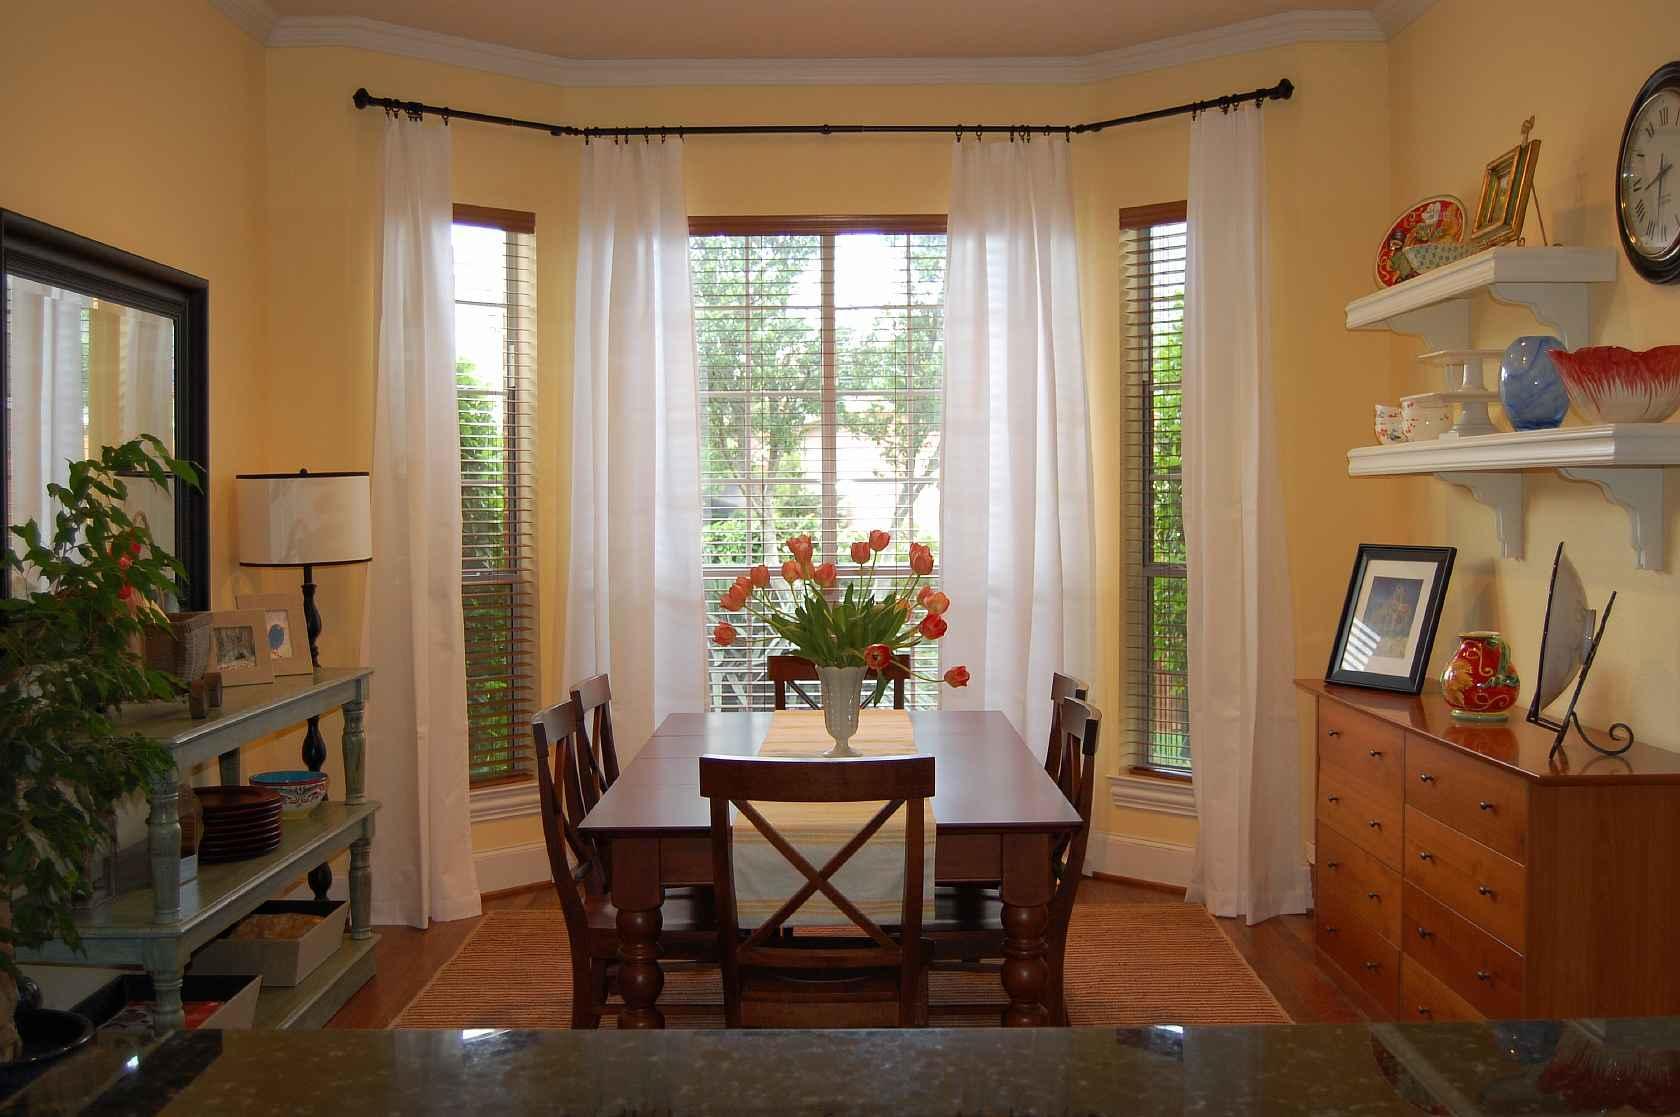 Гардины для эркерных окон должны хорошо пропускать свет и сохранять тепло в комнате